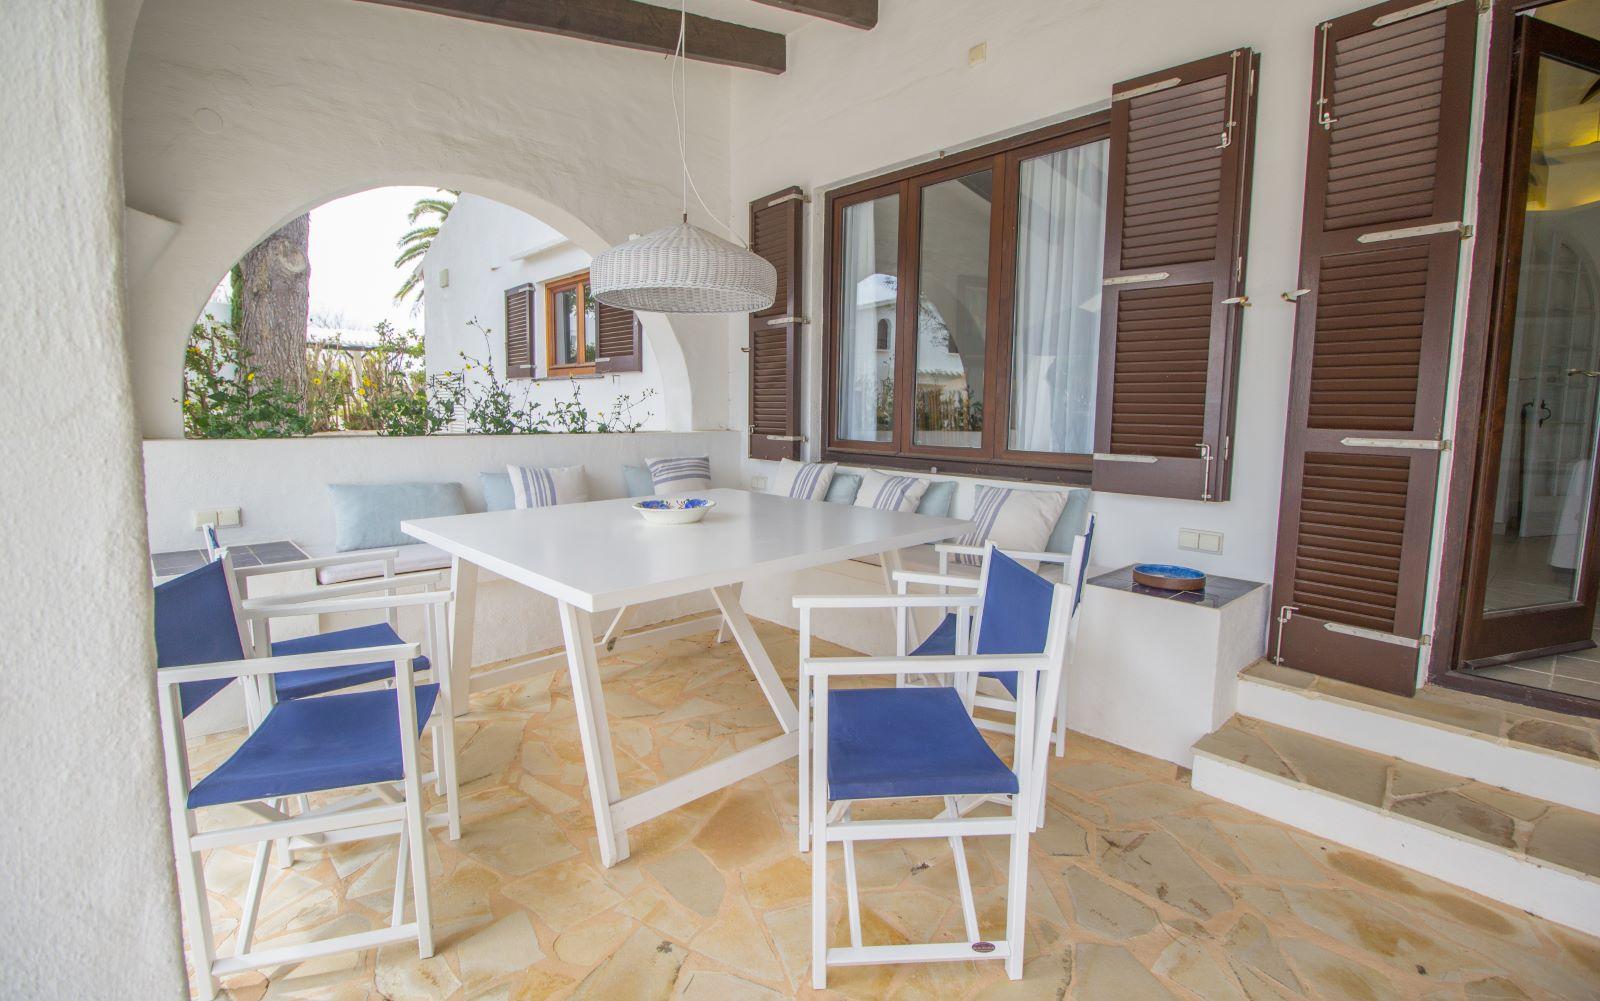 Villa in Cap d'en Font Ref: S2705 29